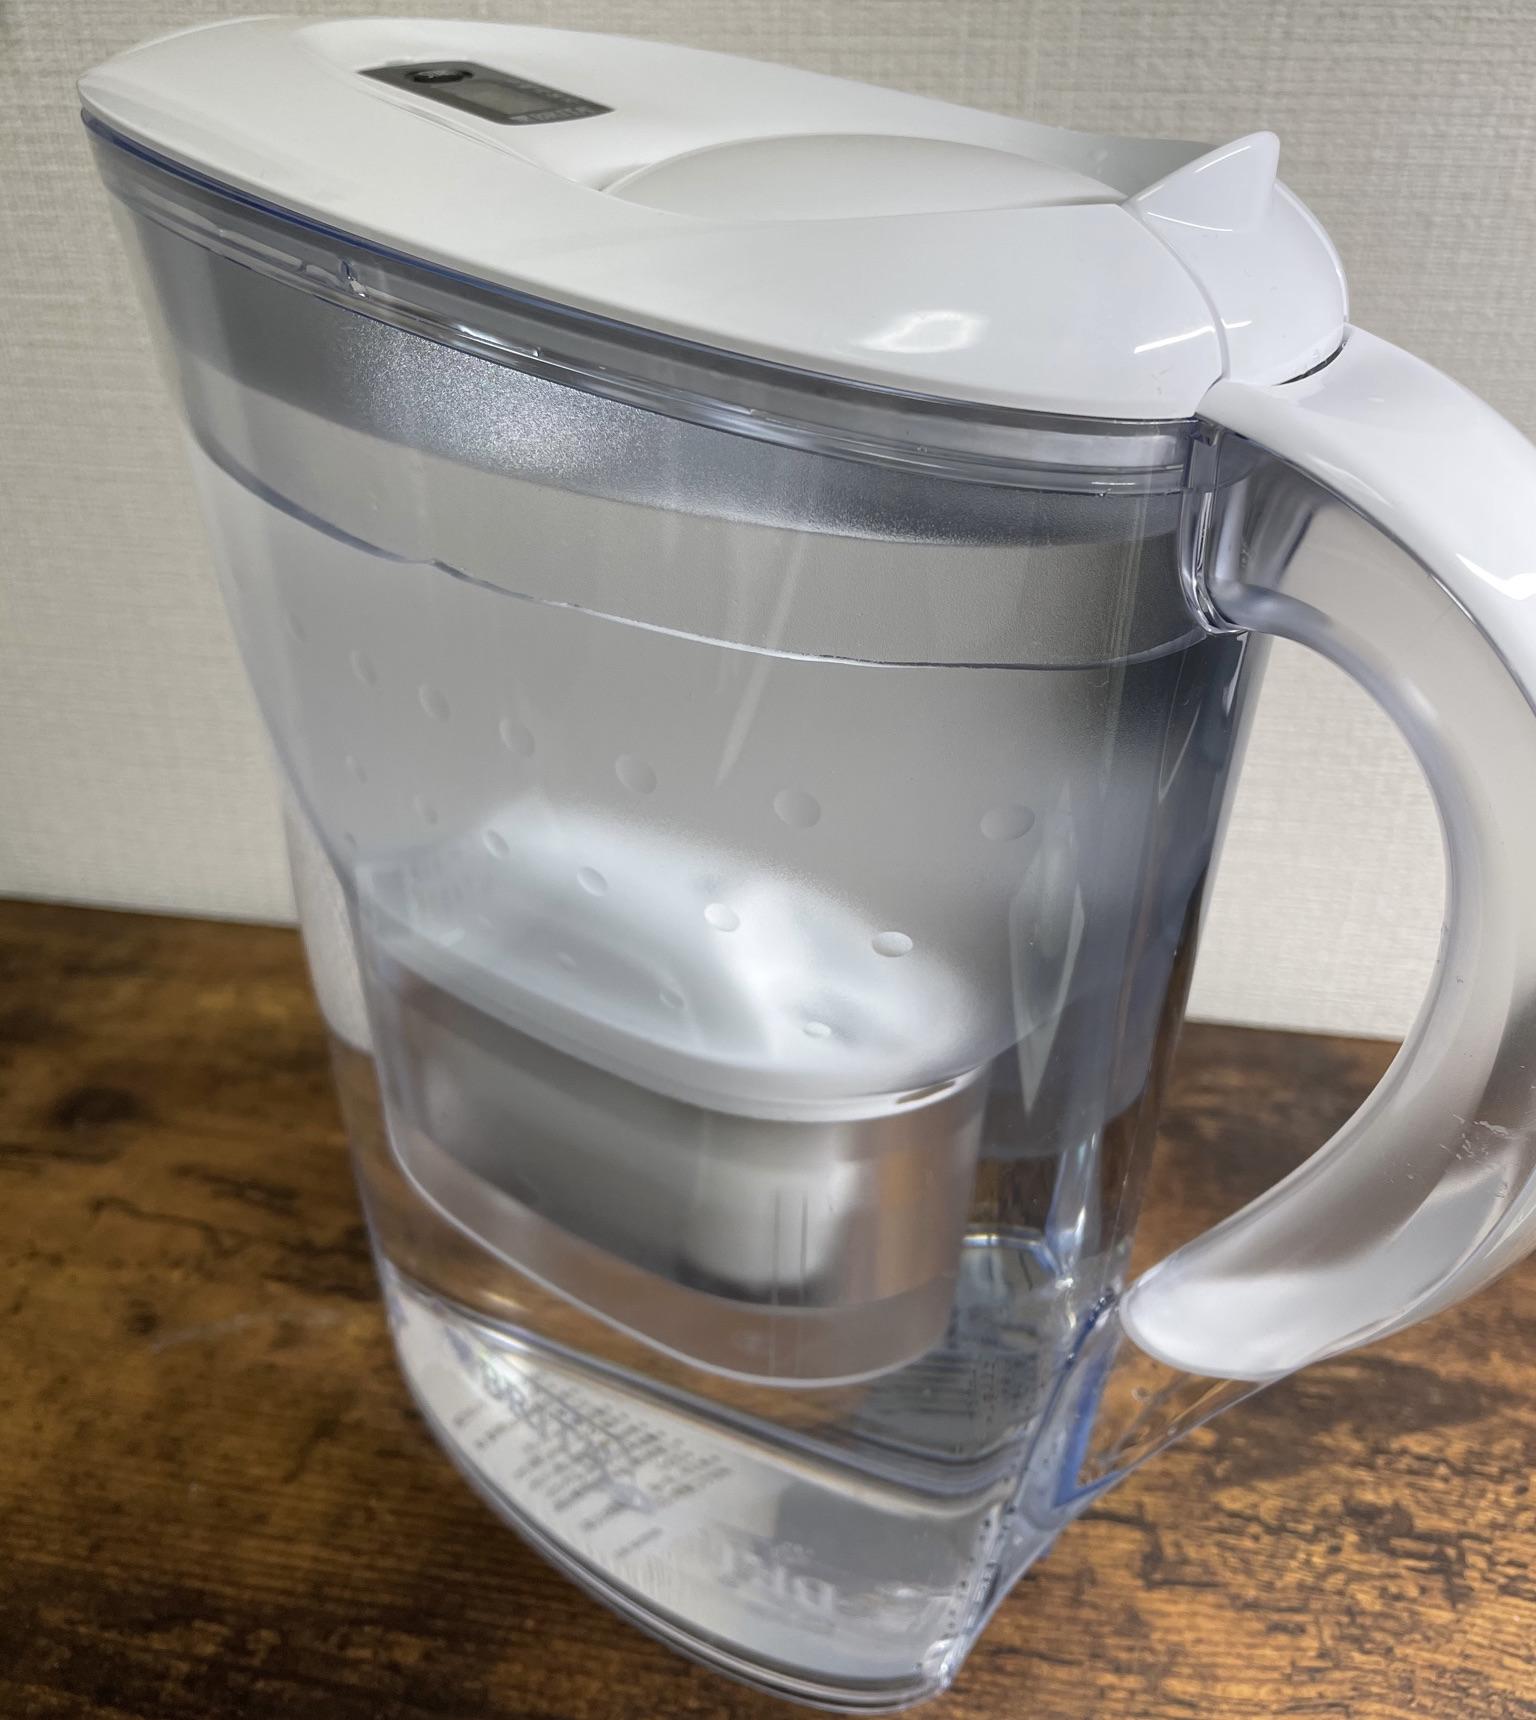 軽い!小さい!便利!進化を重ねたBritaの浄水器〓Brita浄水ポッド「マレーラ」のレコメンド